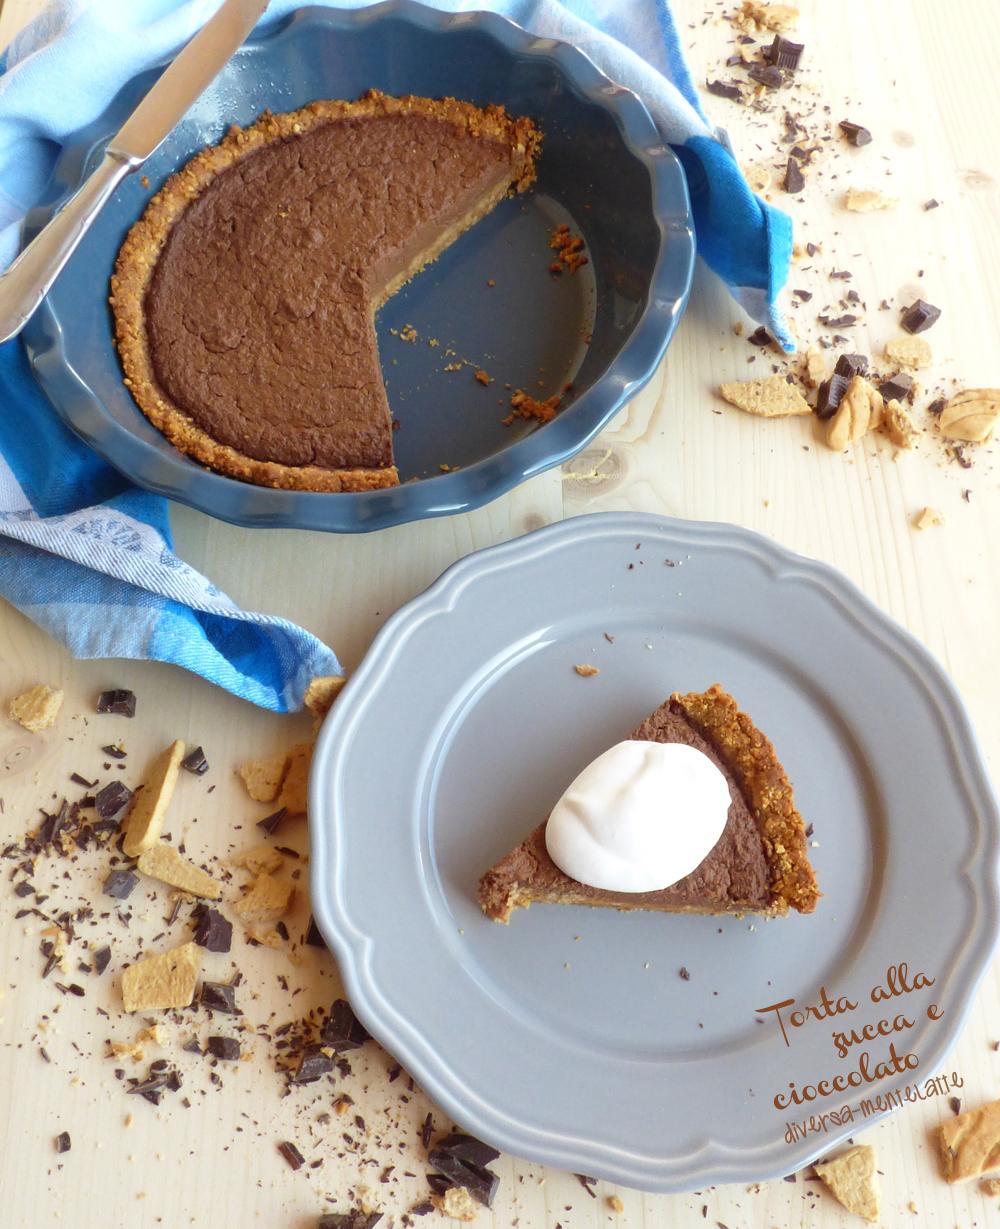 torta zucca e cioccolato con panna vegetale